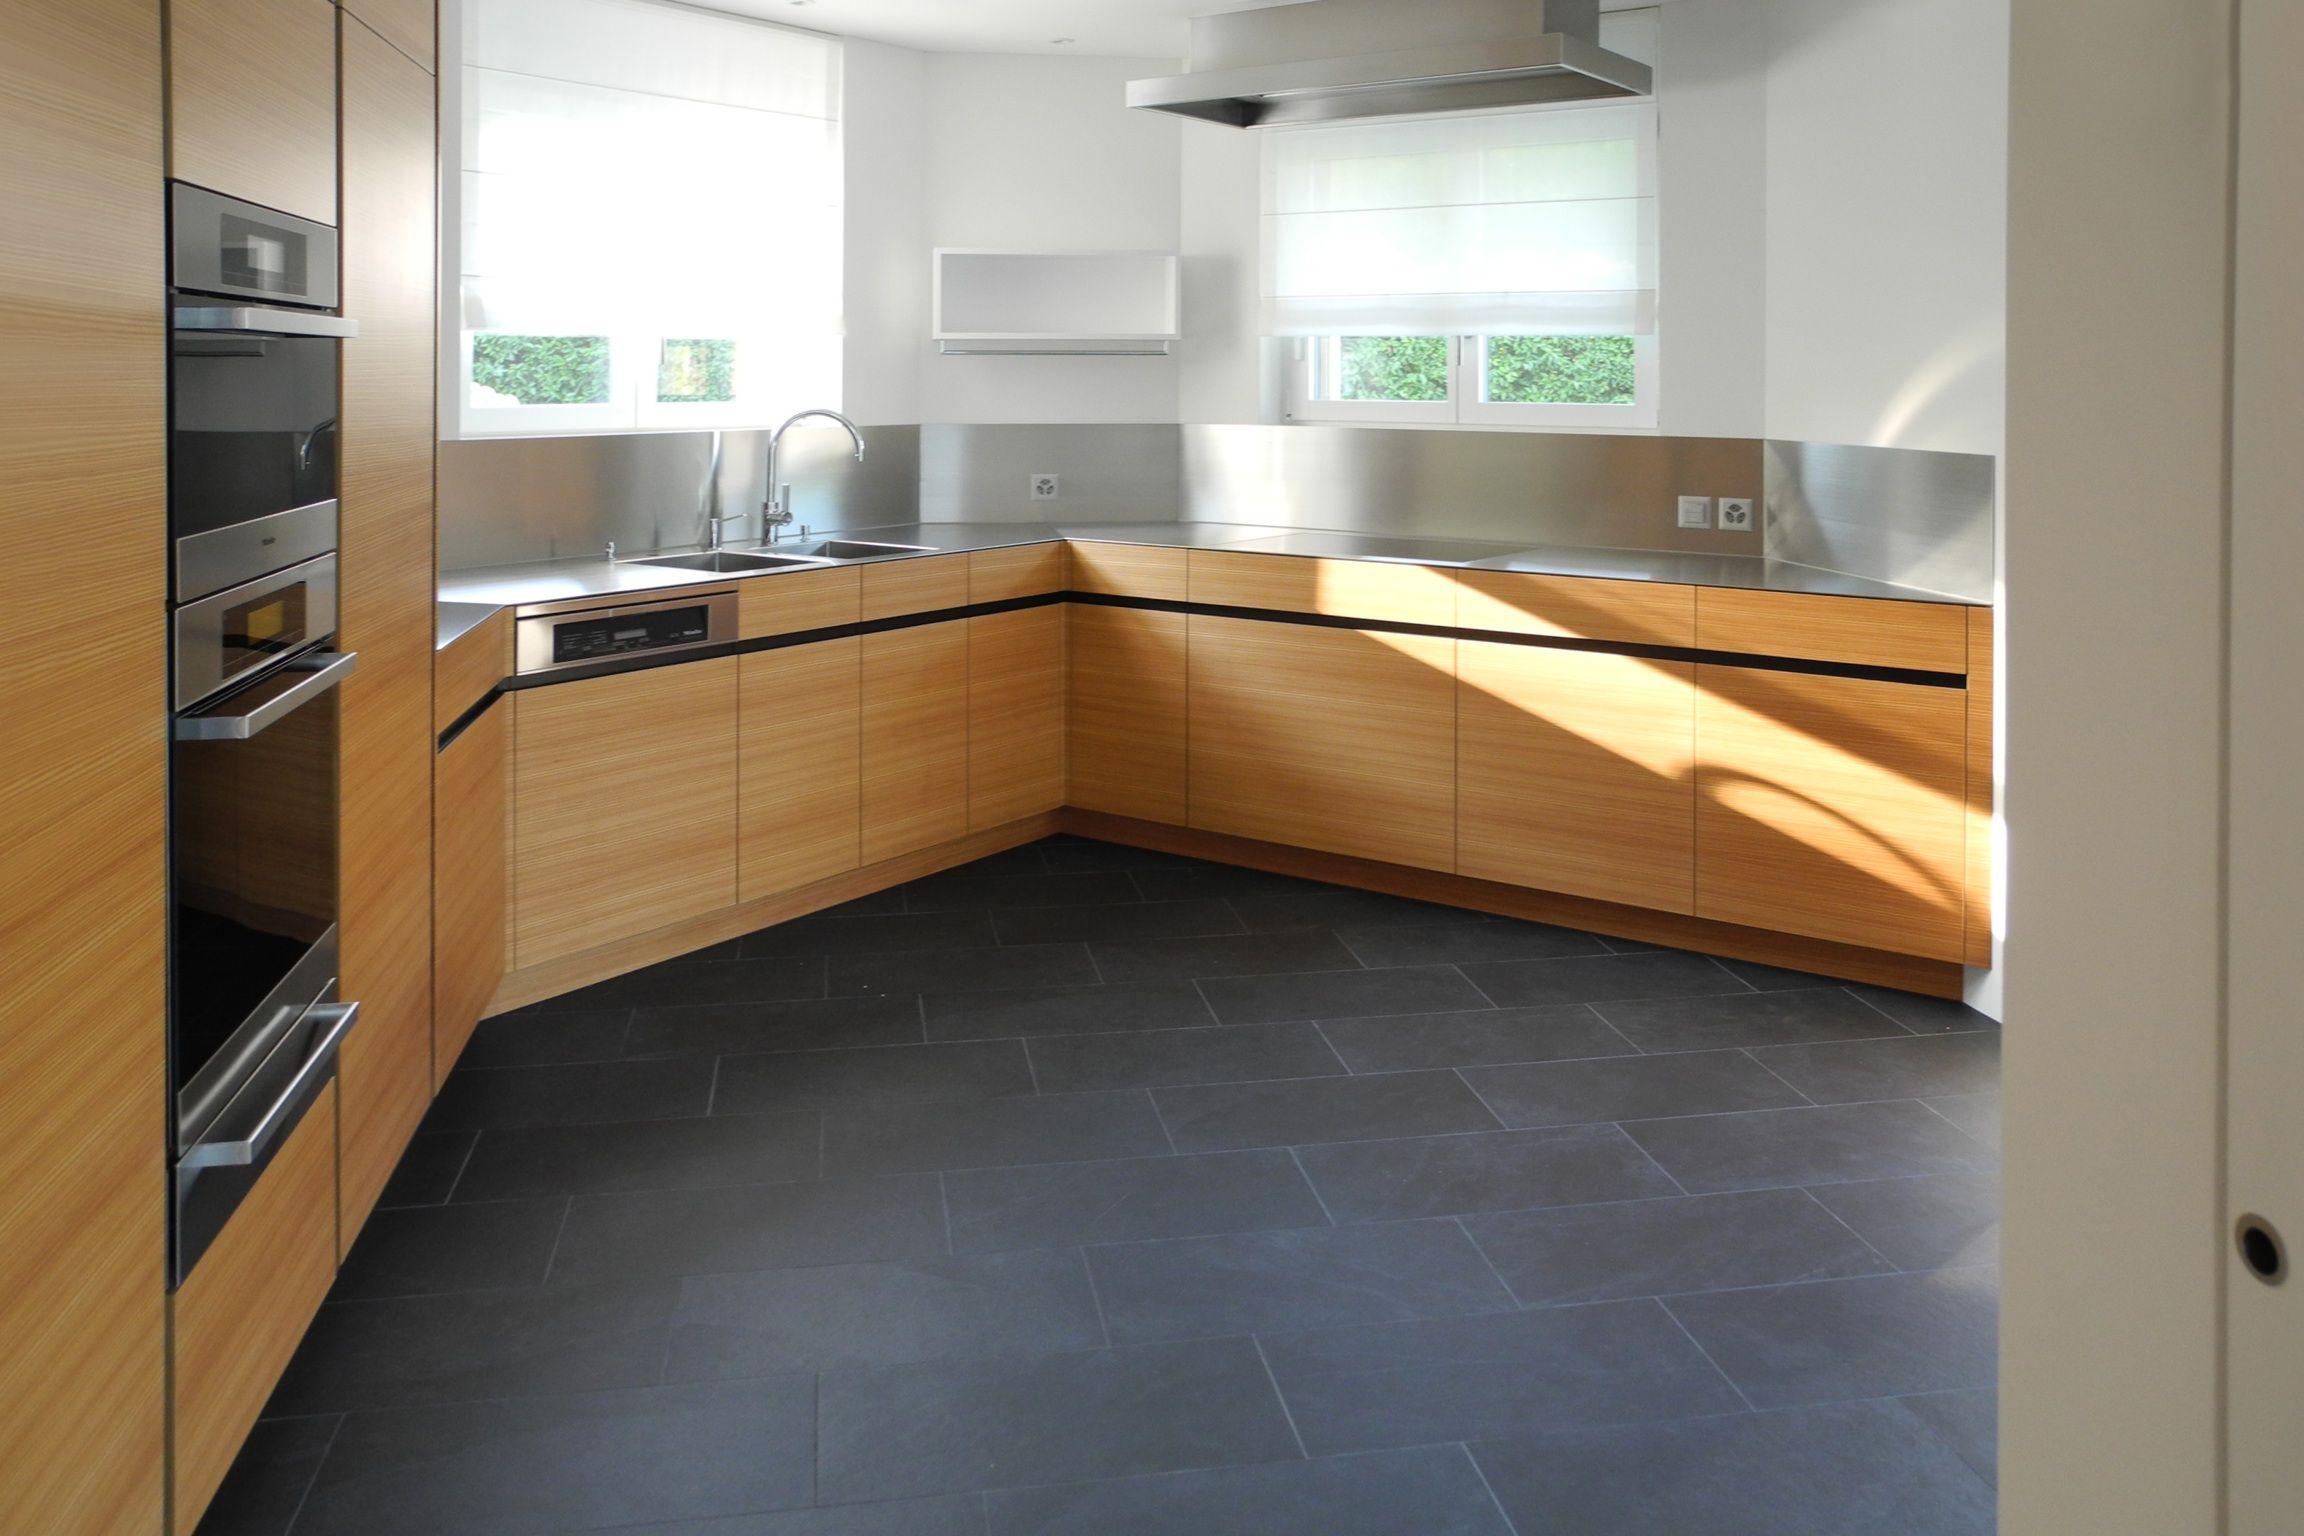 Küche mit Edelstahlabdeckung, Fronten in Lärche horizontal ...